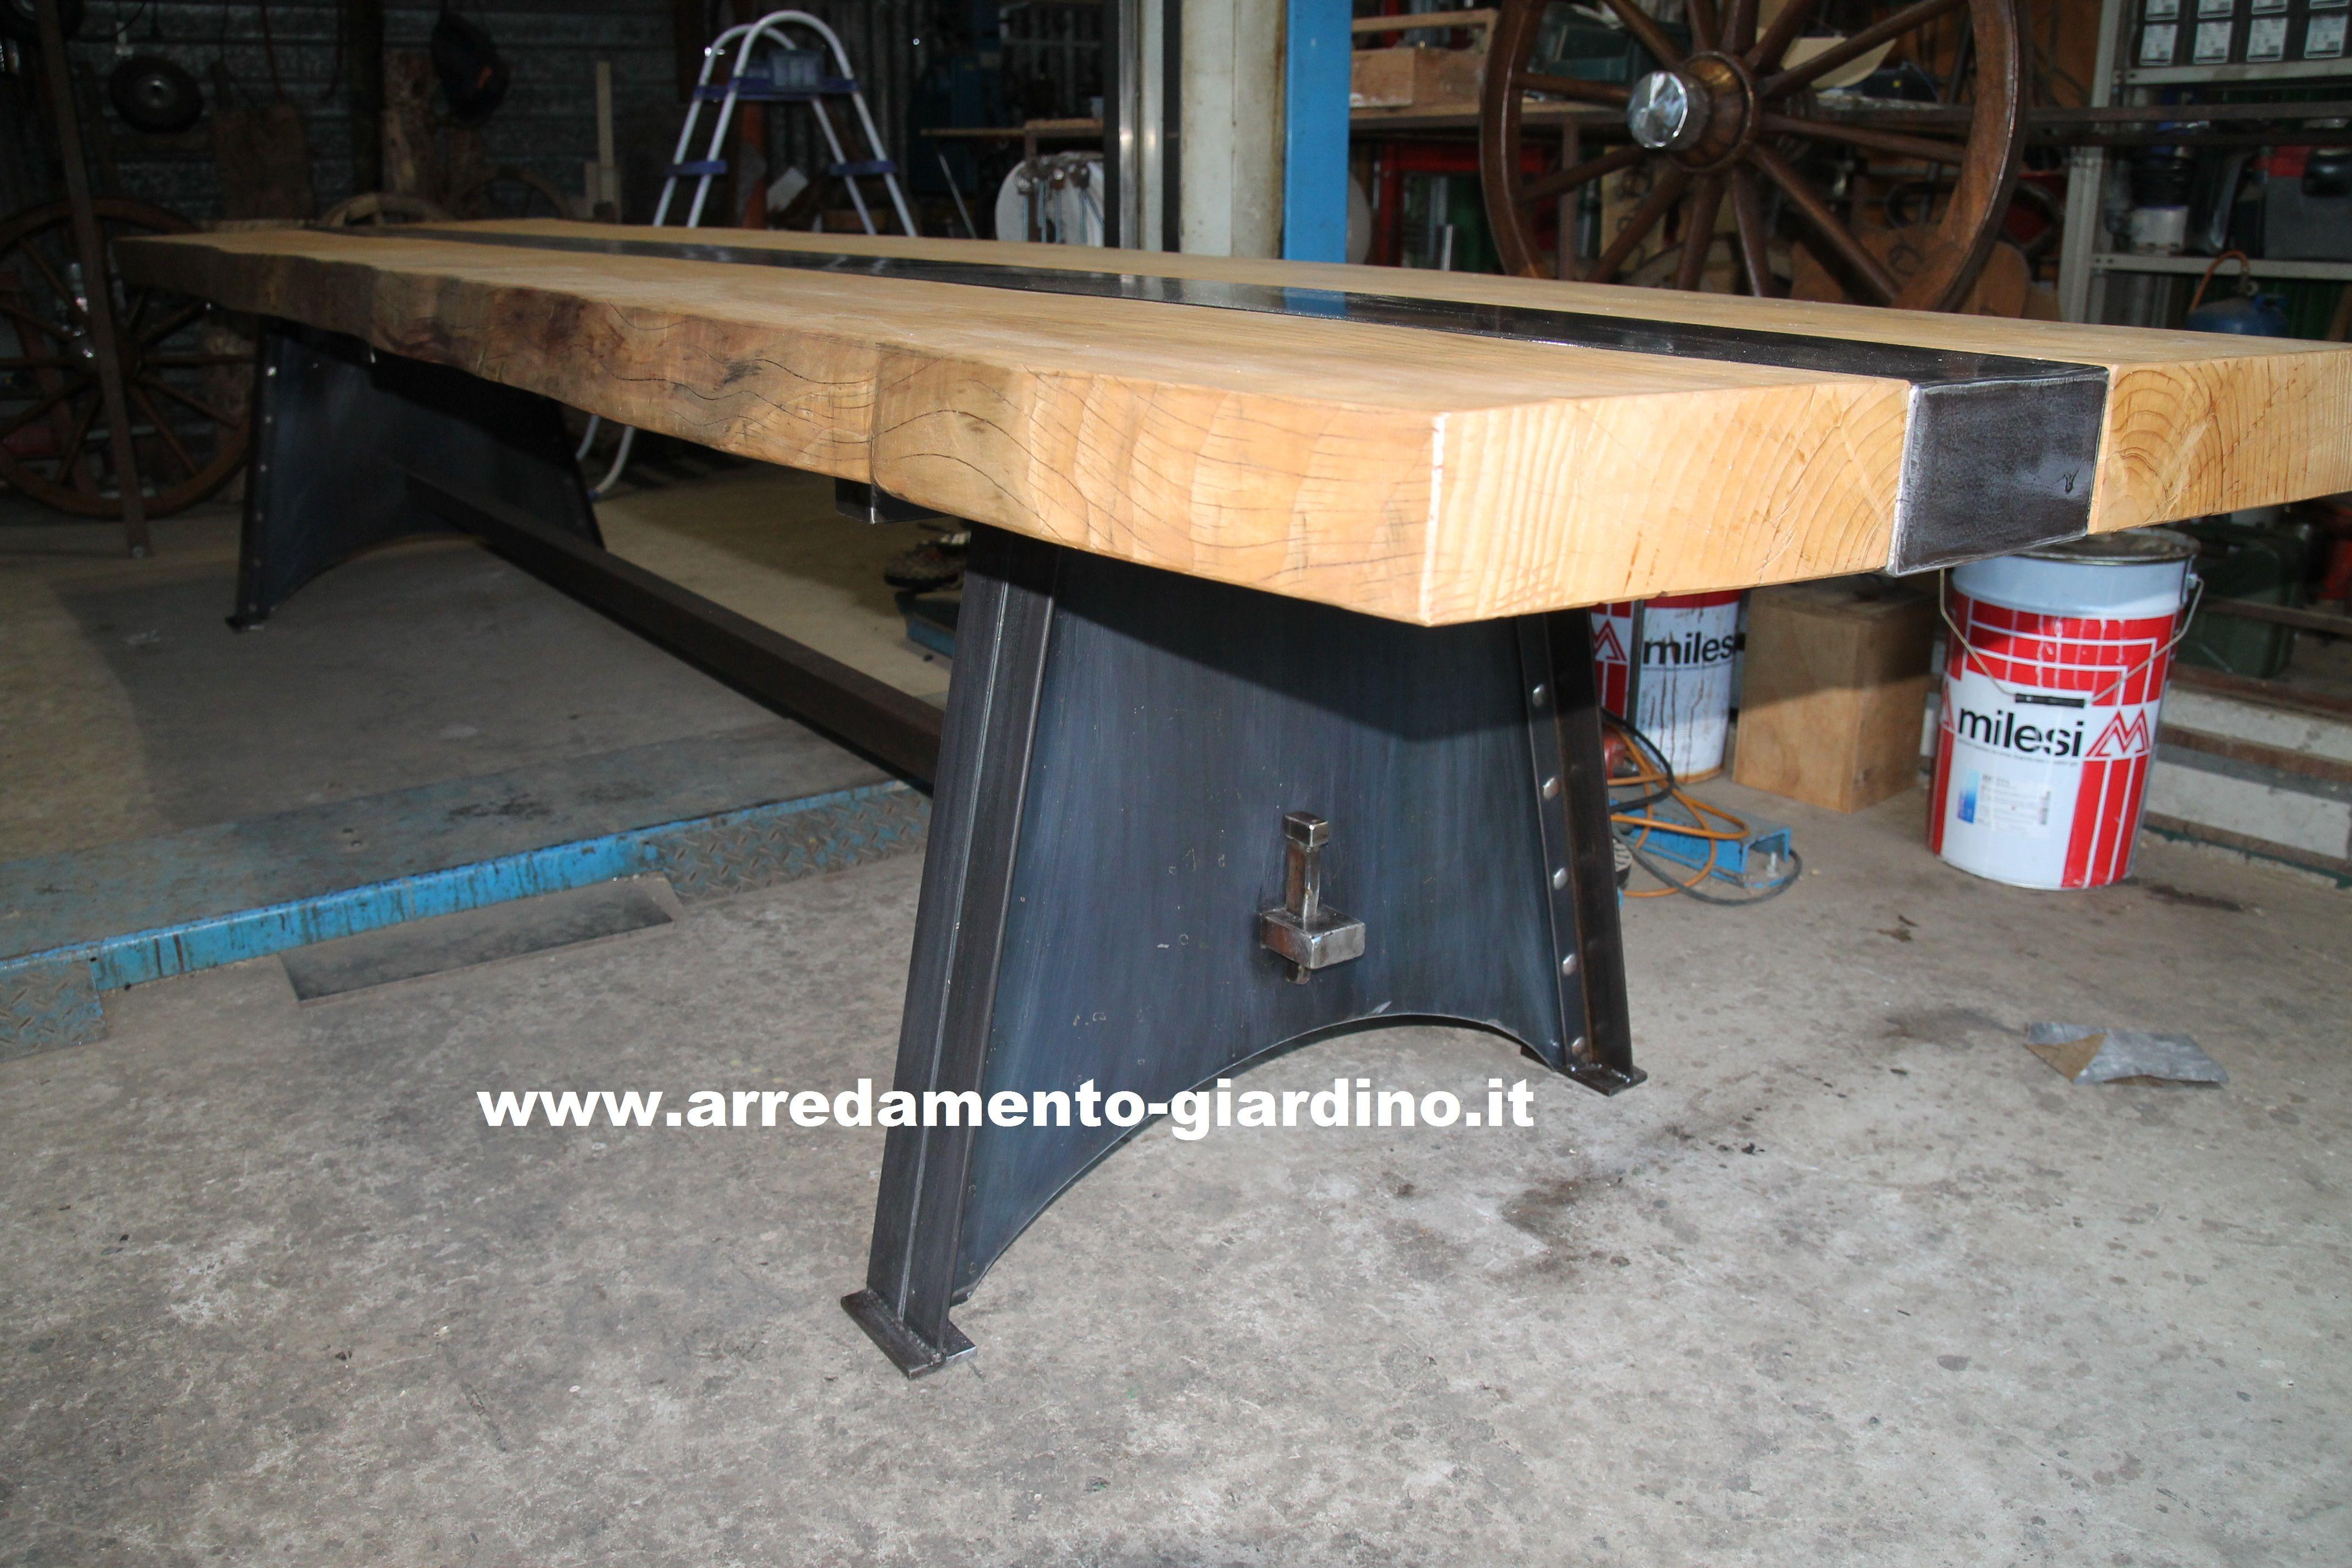 Imponente tavolo in stile industriale lungo 425 cm realizzato in legno di cedro con le gambe in - Tavolo stile industriale ...